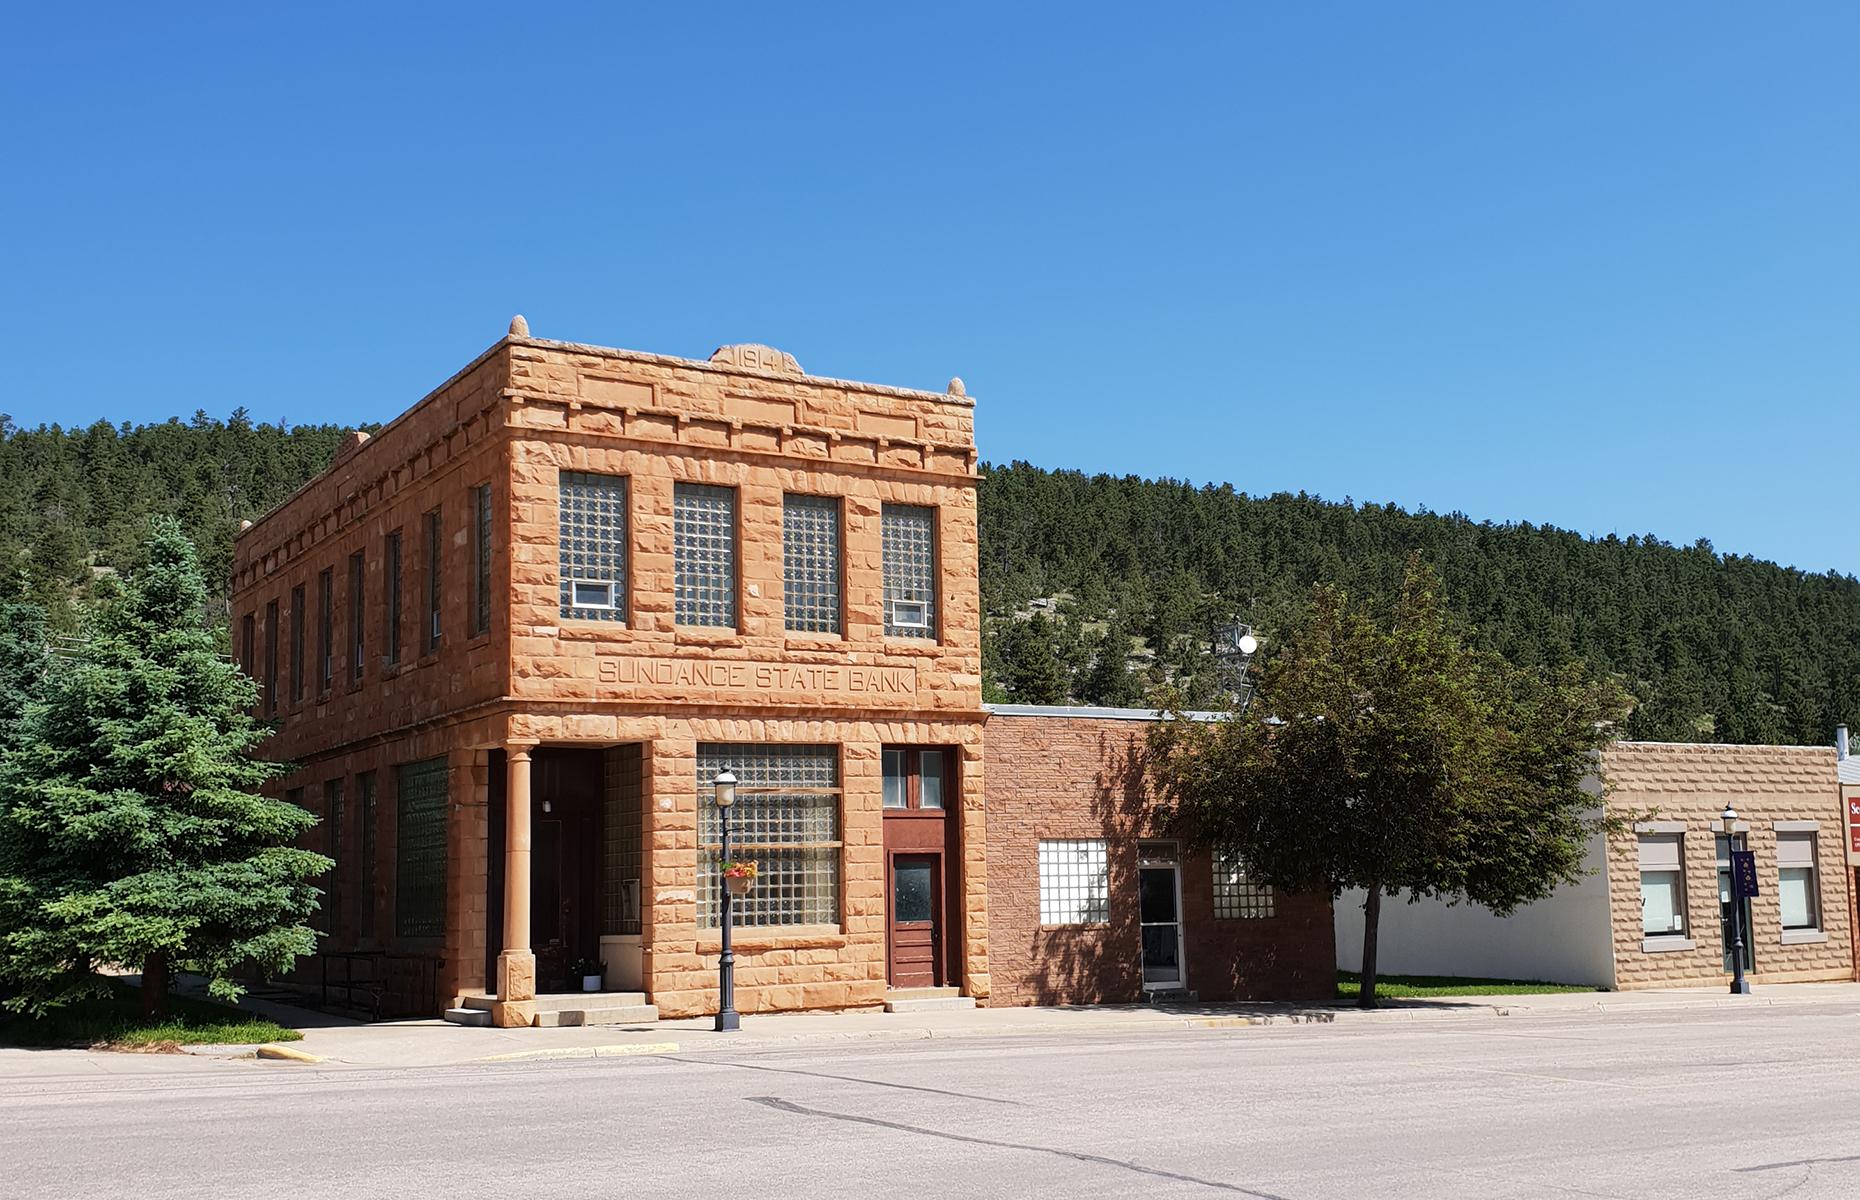 Sundance bank